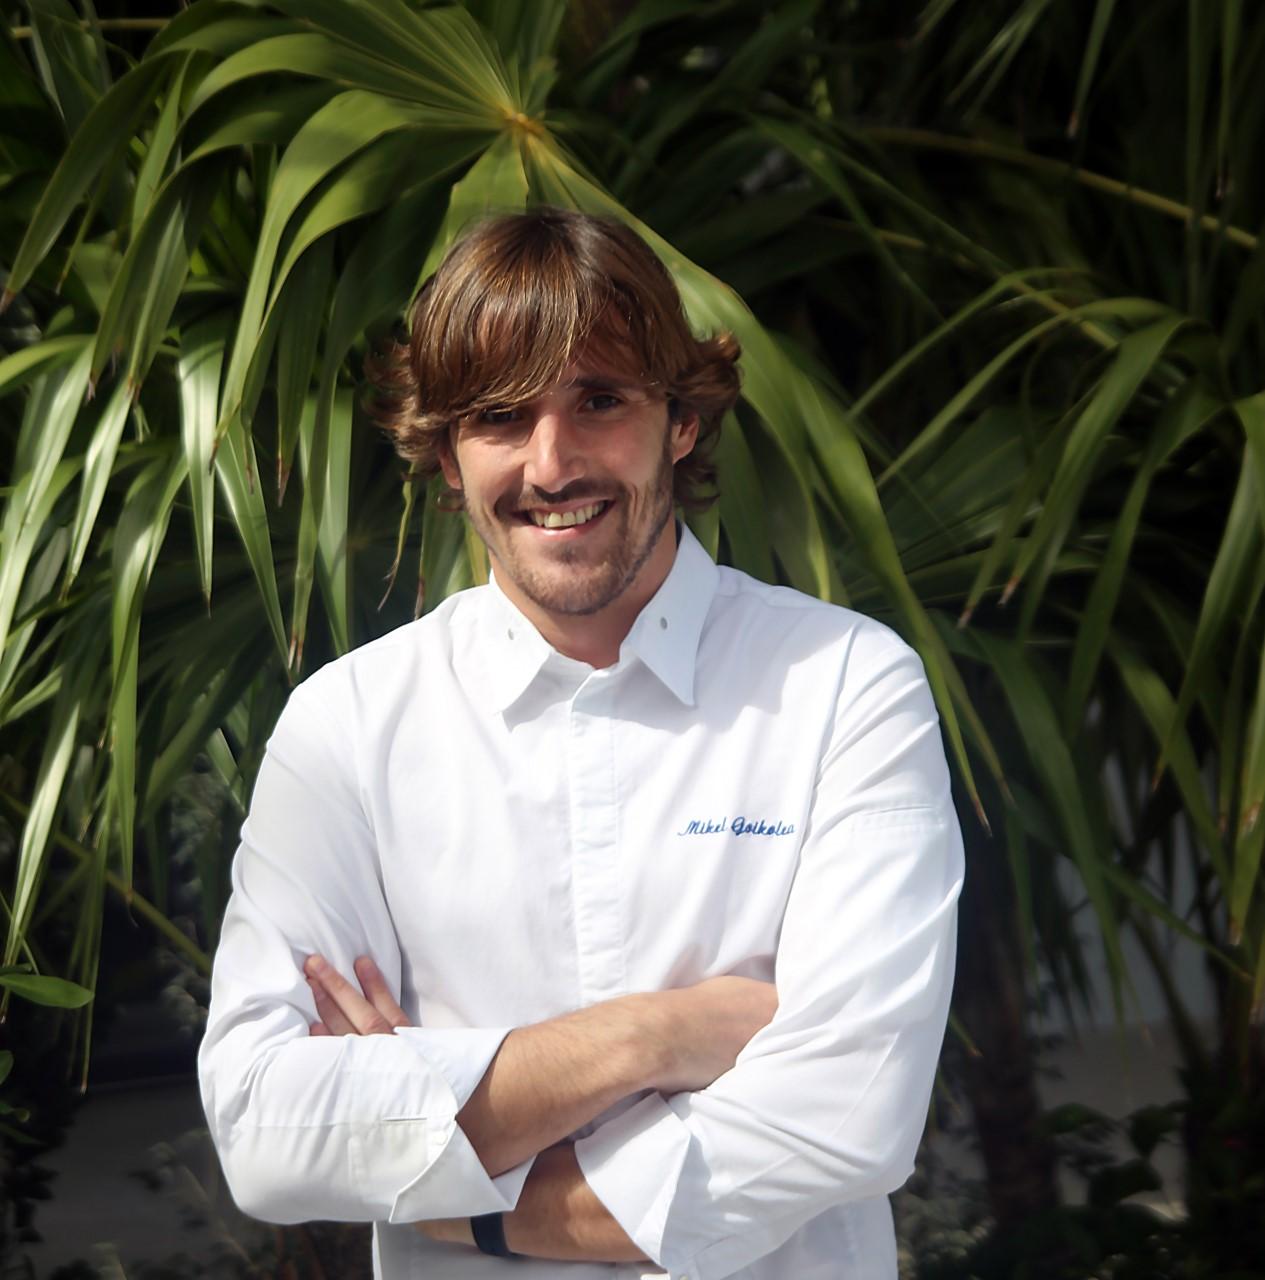 Chef Mikel Goikolea